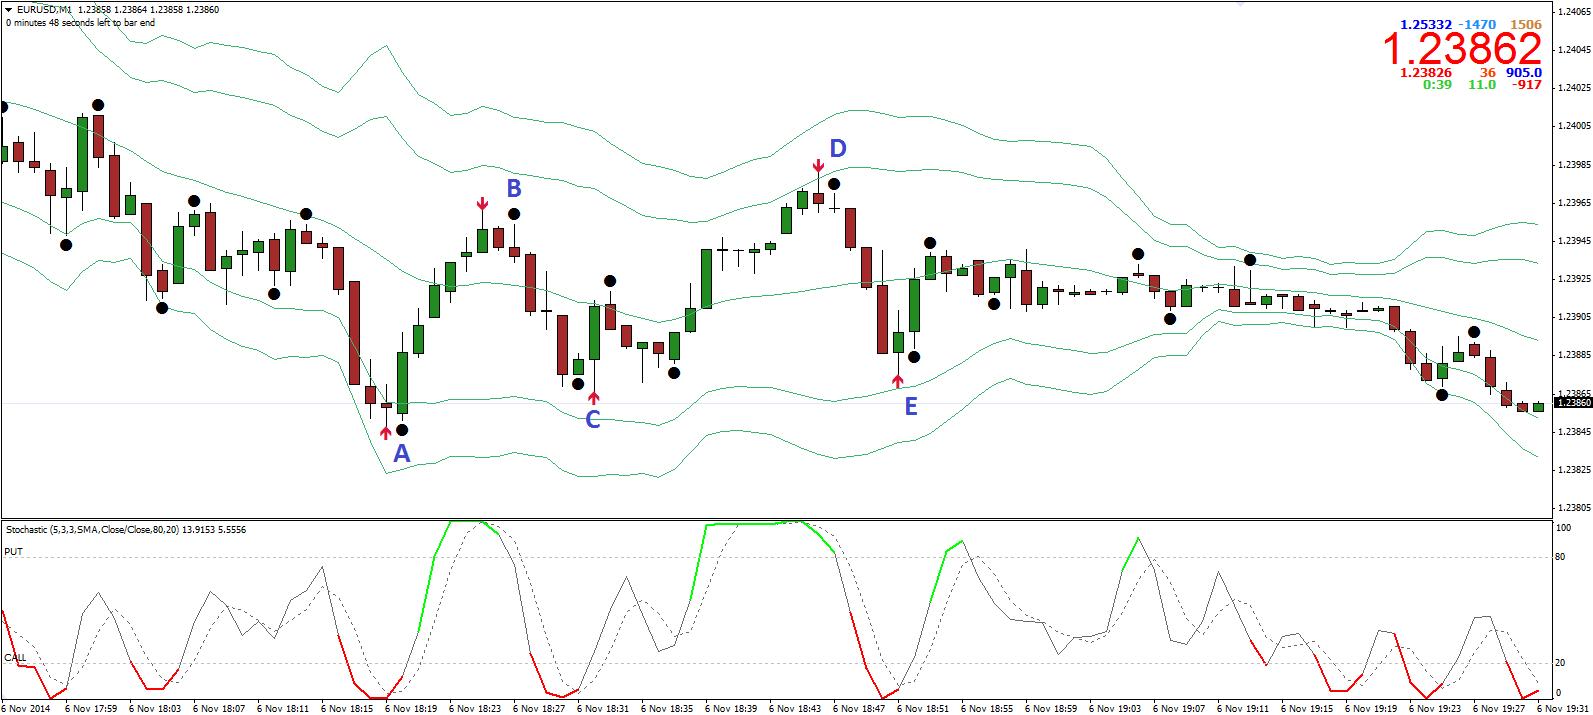 strategie de opțiune non- indicator strategii de opțiuni binare d1